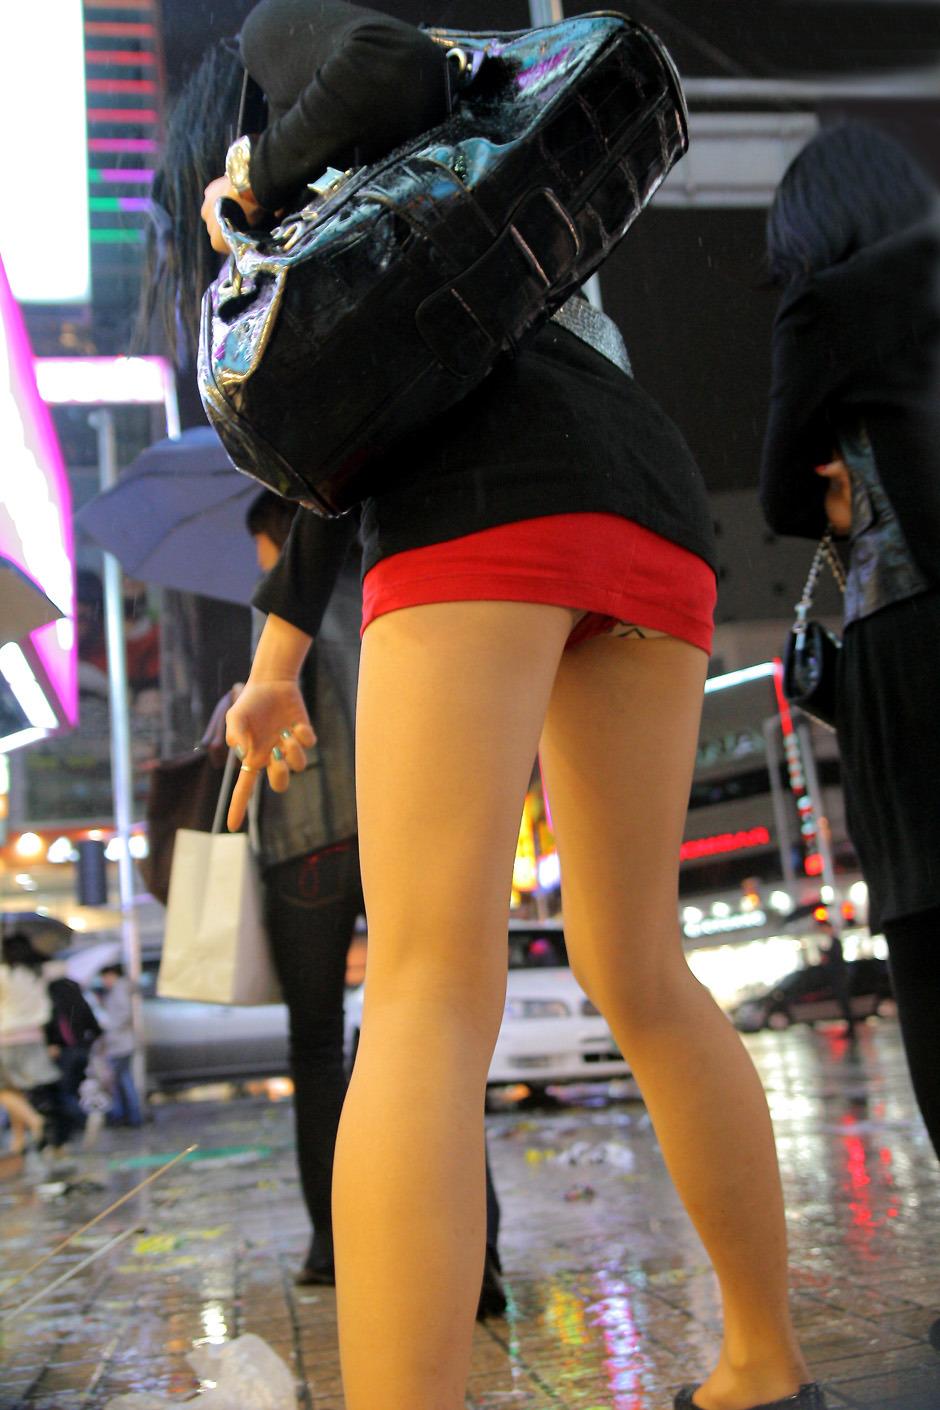 三次元 3次元 エロ画像 街撮り 素人 美脚 街角 べっぴん娘通信 06